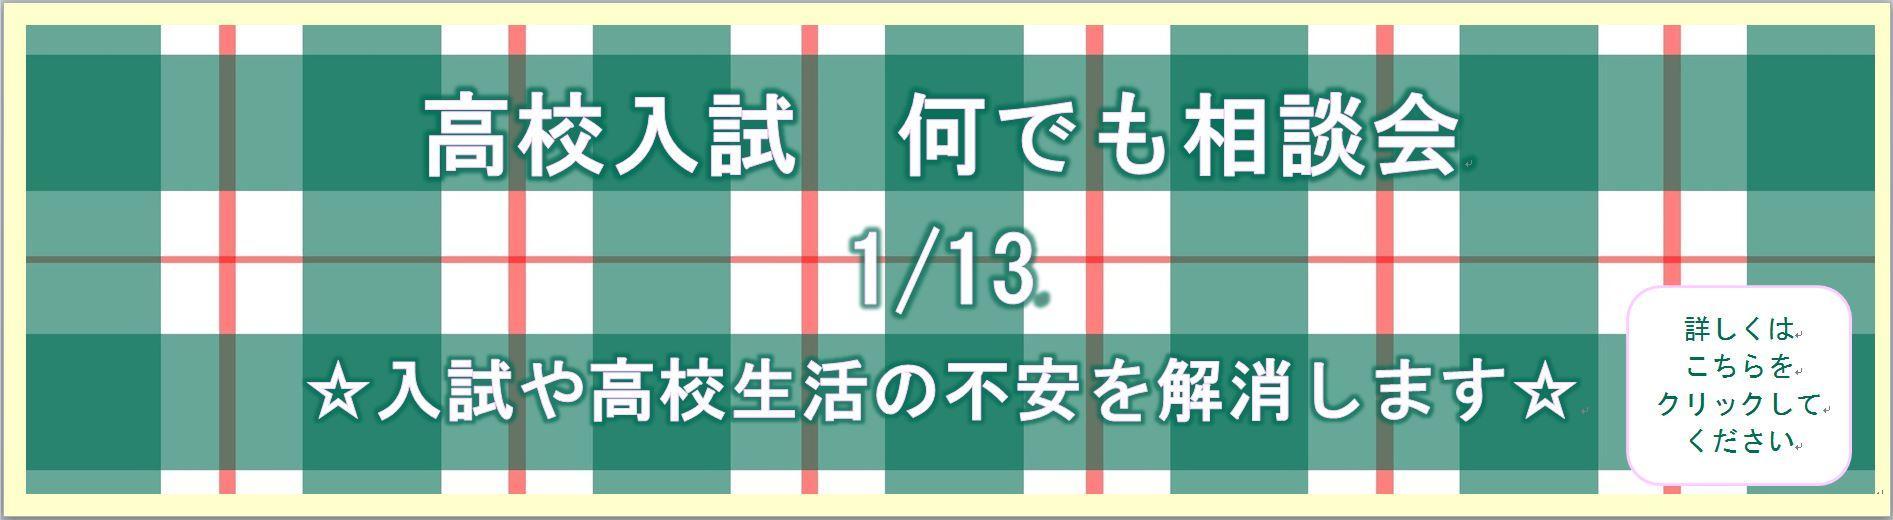 2018何でも相談会(高校)4.JPG